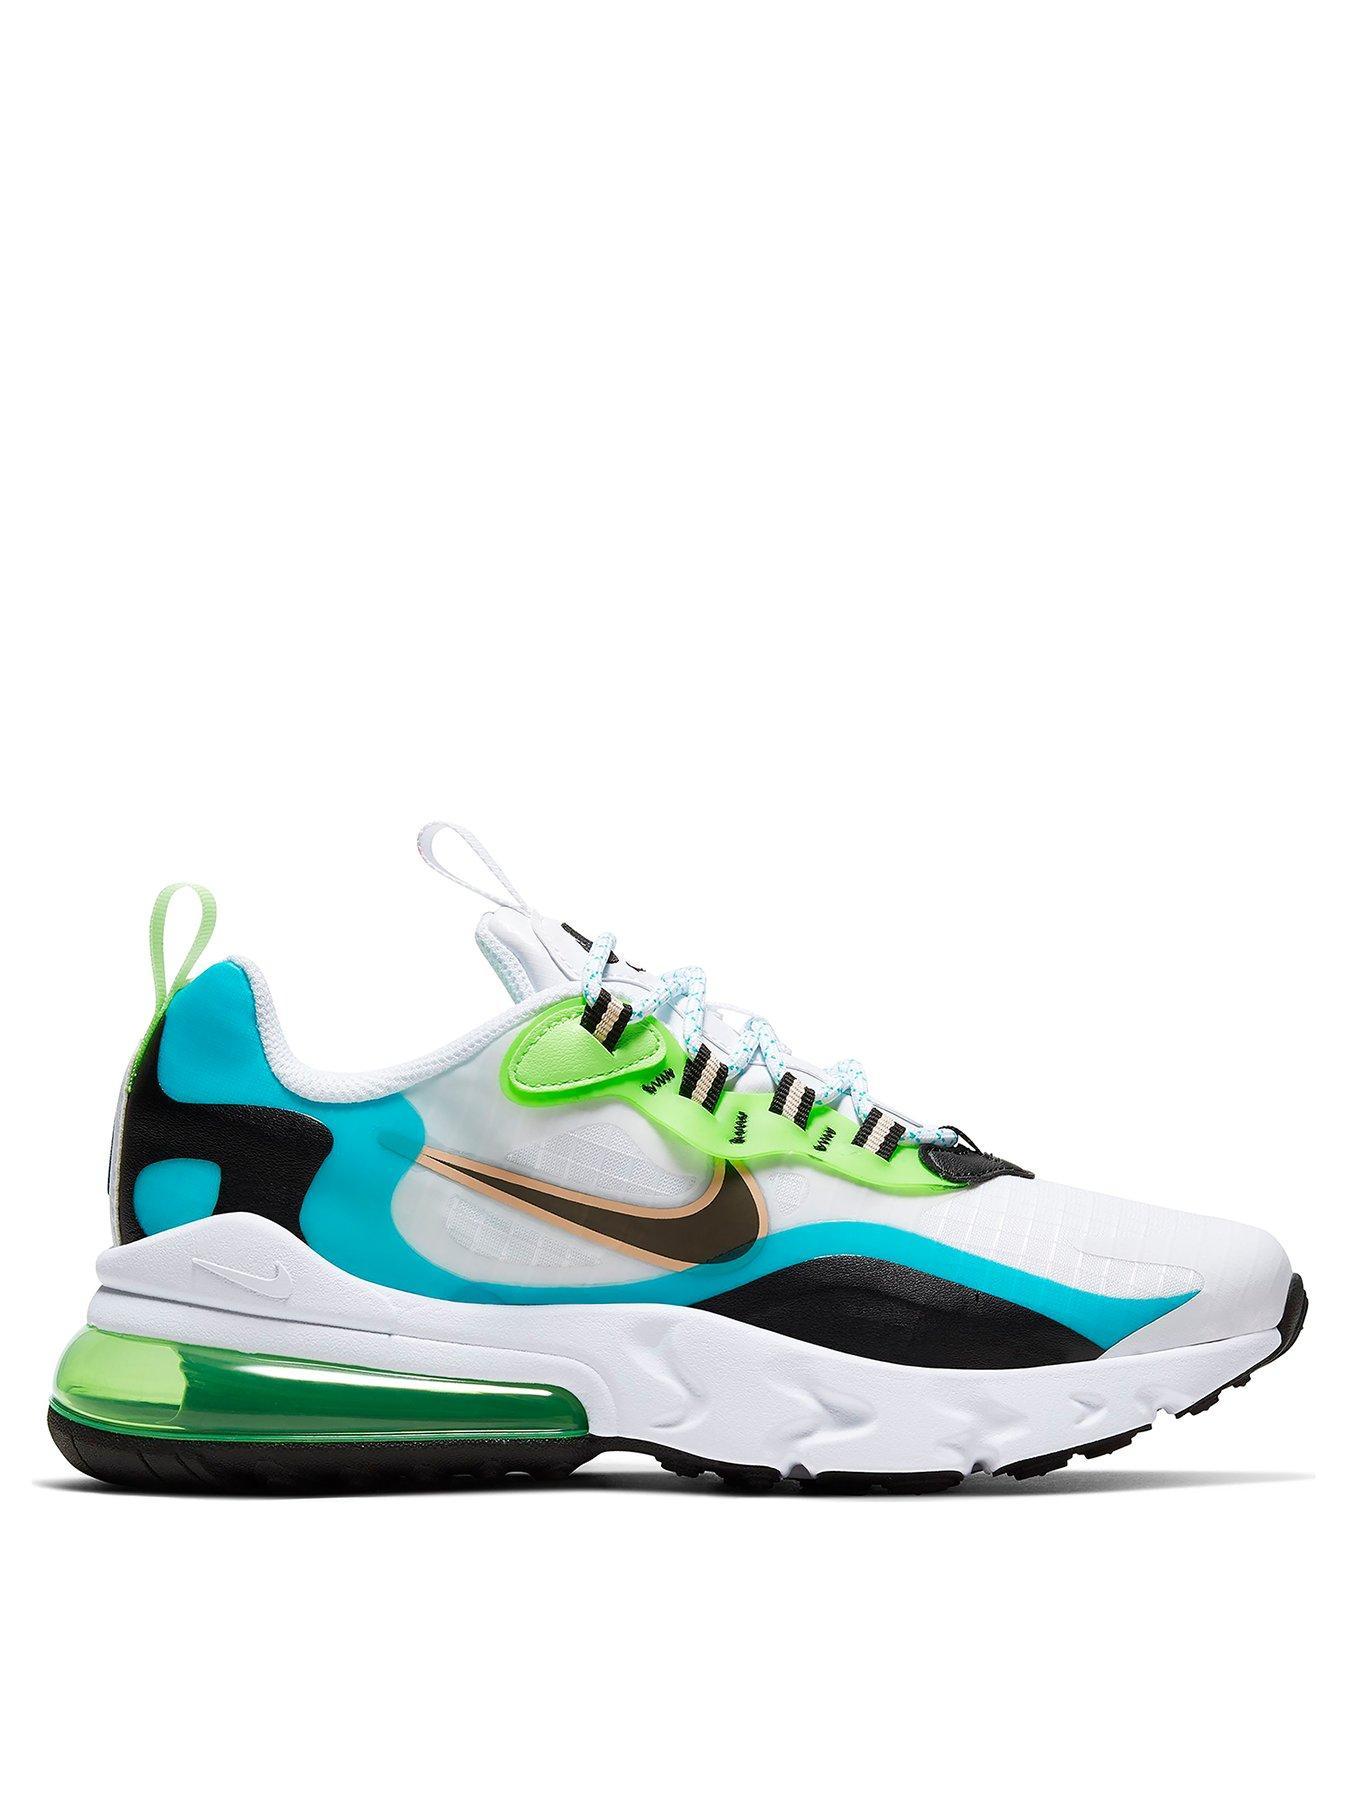 Nike Air Max Older Kids 270 React